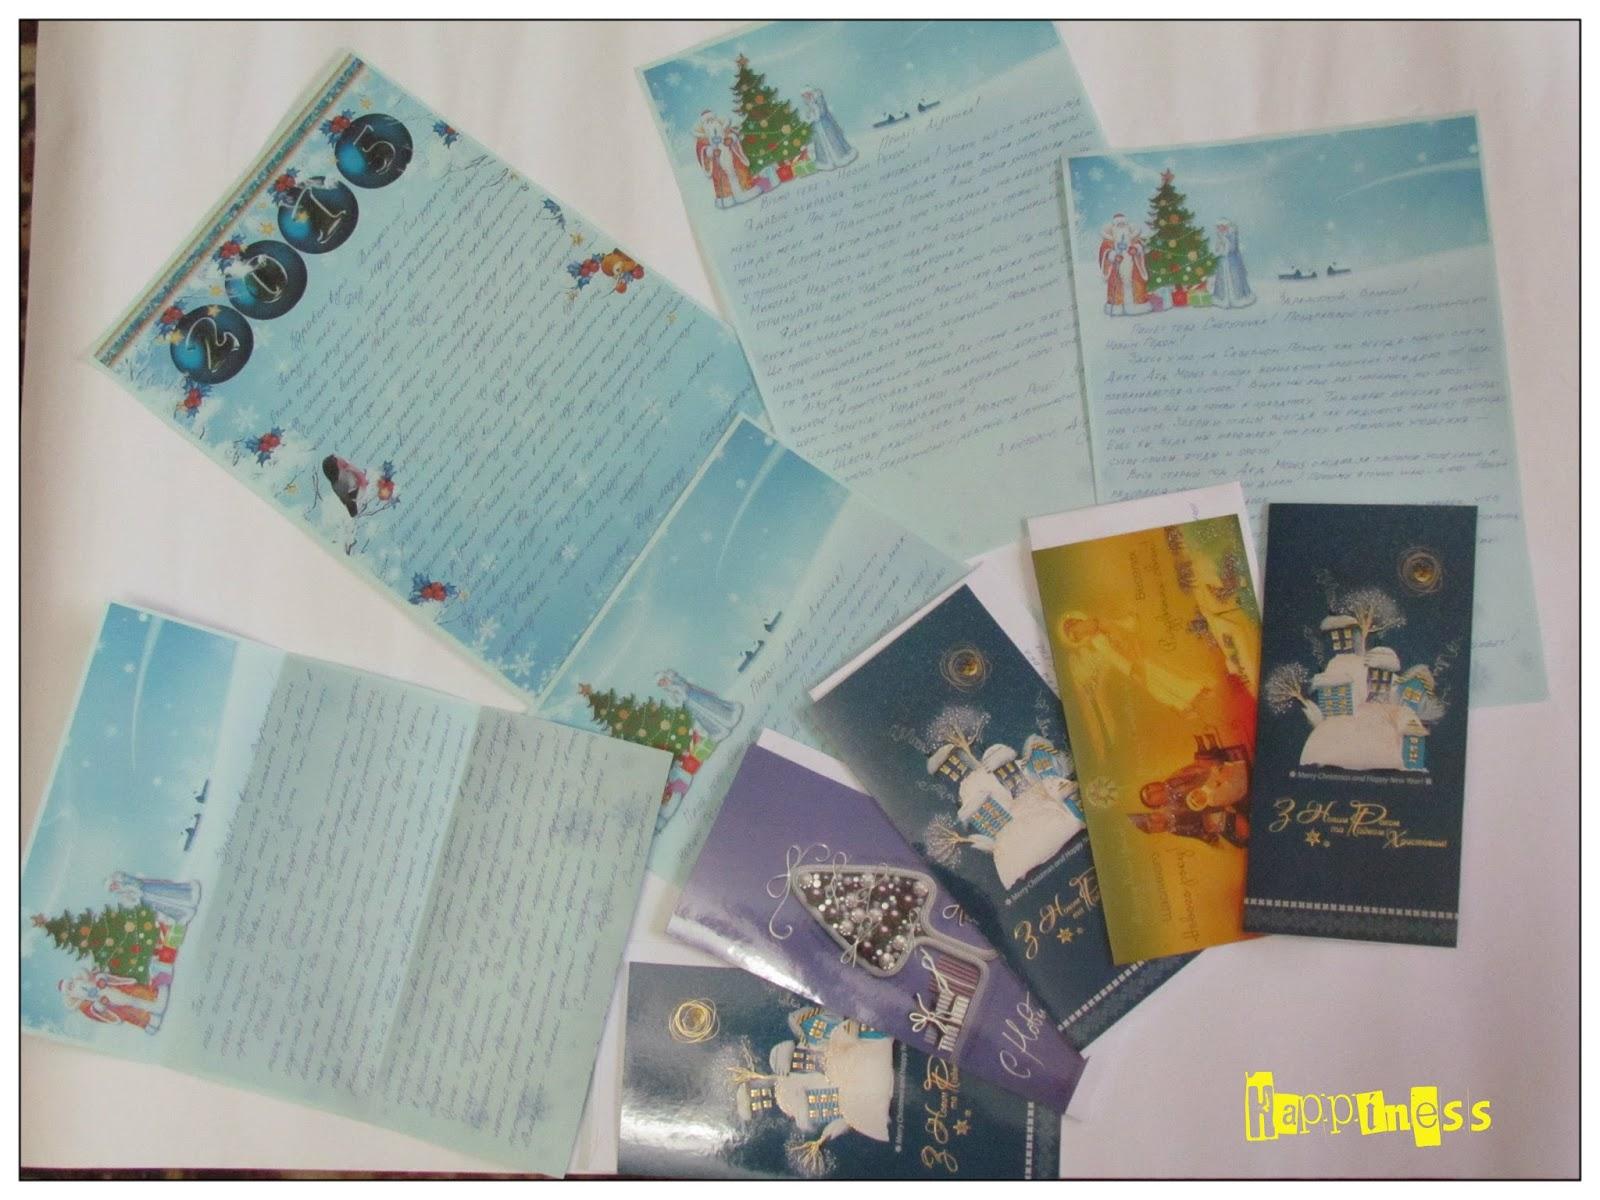 Новый год, письмо от Деда Мороза, письмо от Снегурочки, радость для детей